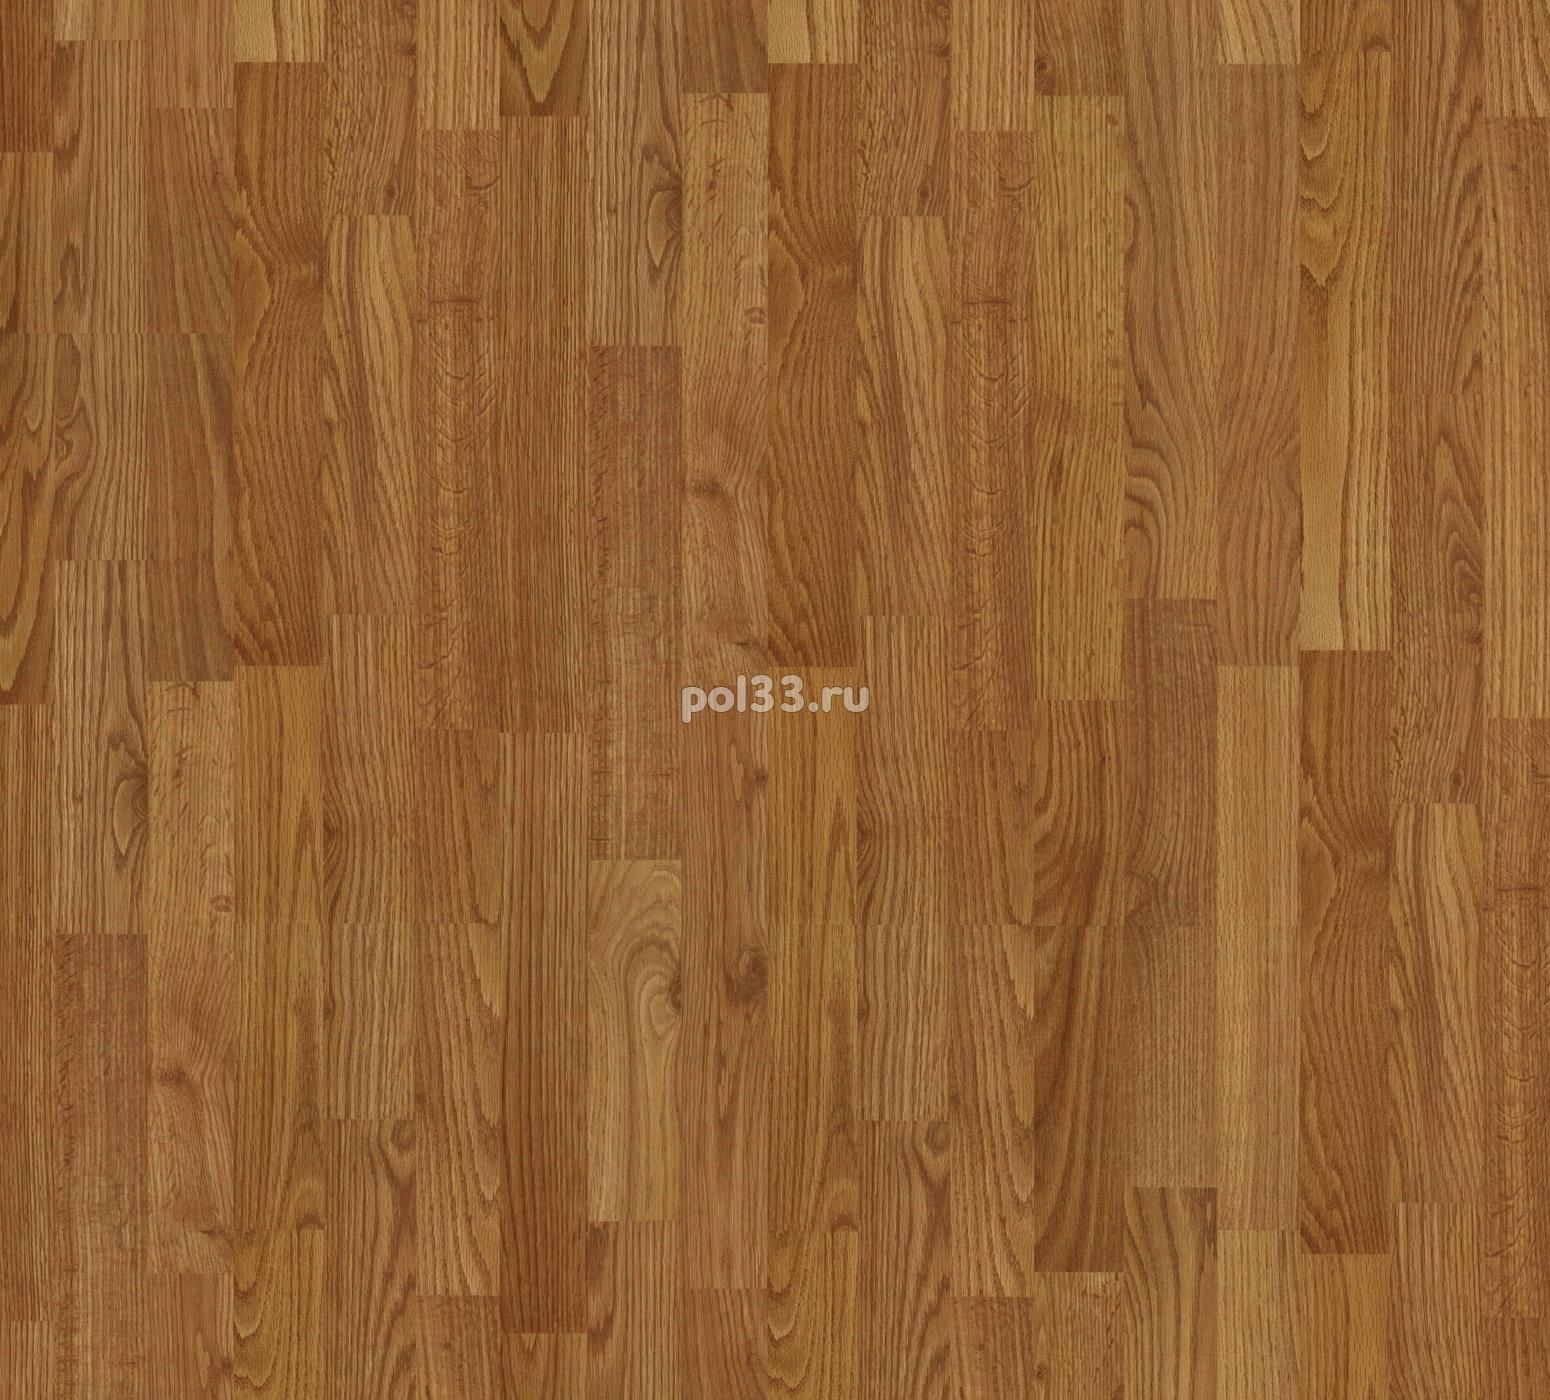 Ламинат Balterio коллекция Vitality Diplomat Дуб Натуральный 276 -DK / DIP DK276 купить в Калуге по низкой цене